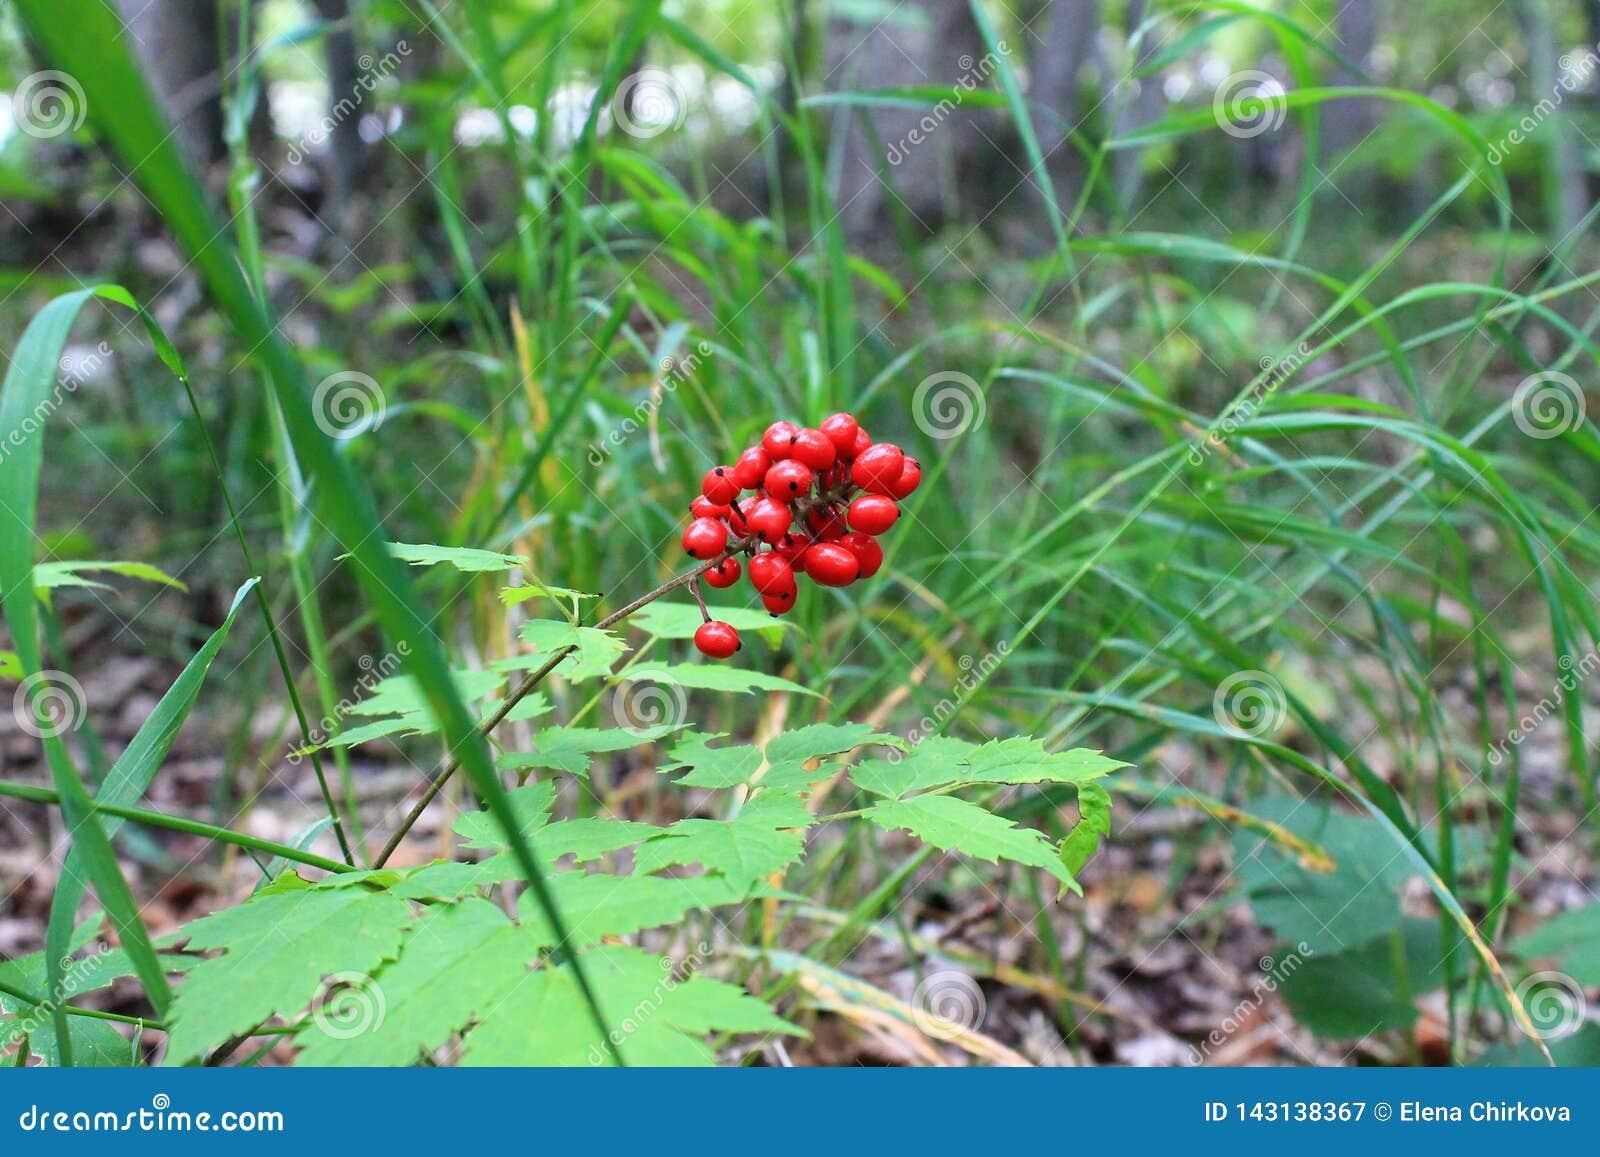 Un manojo de bayas rojas contra un contexto de las hierbas del bosque